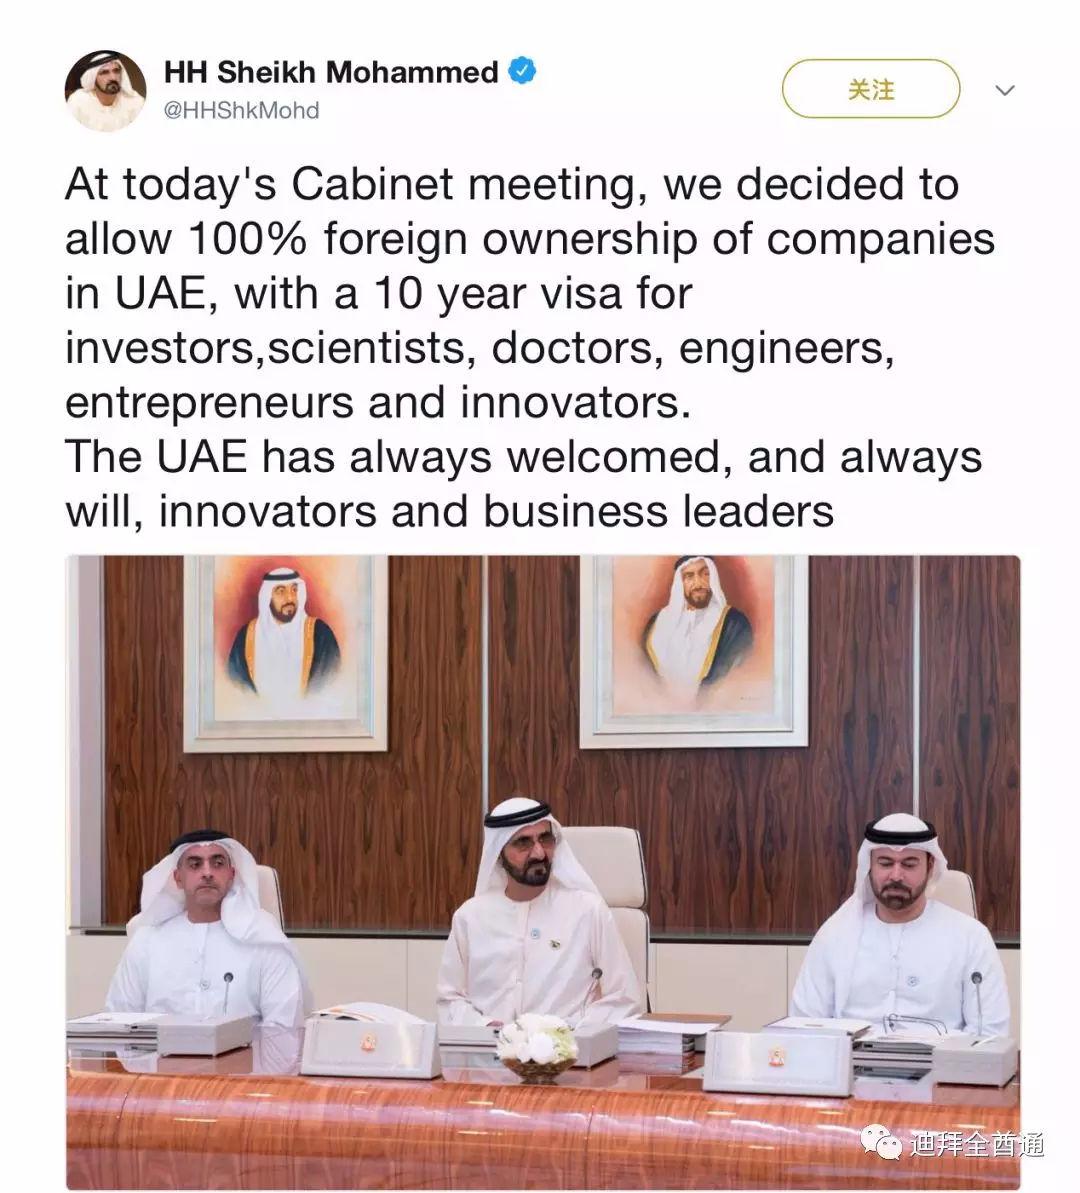 重磅!阿联酋推出10年签证、允许外资企业持股100%